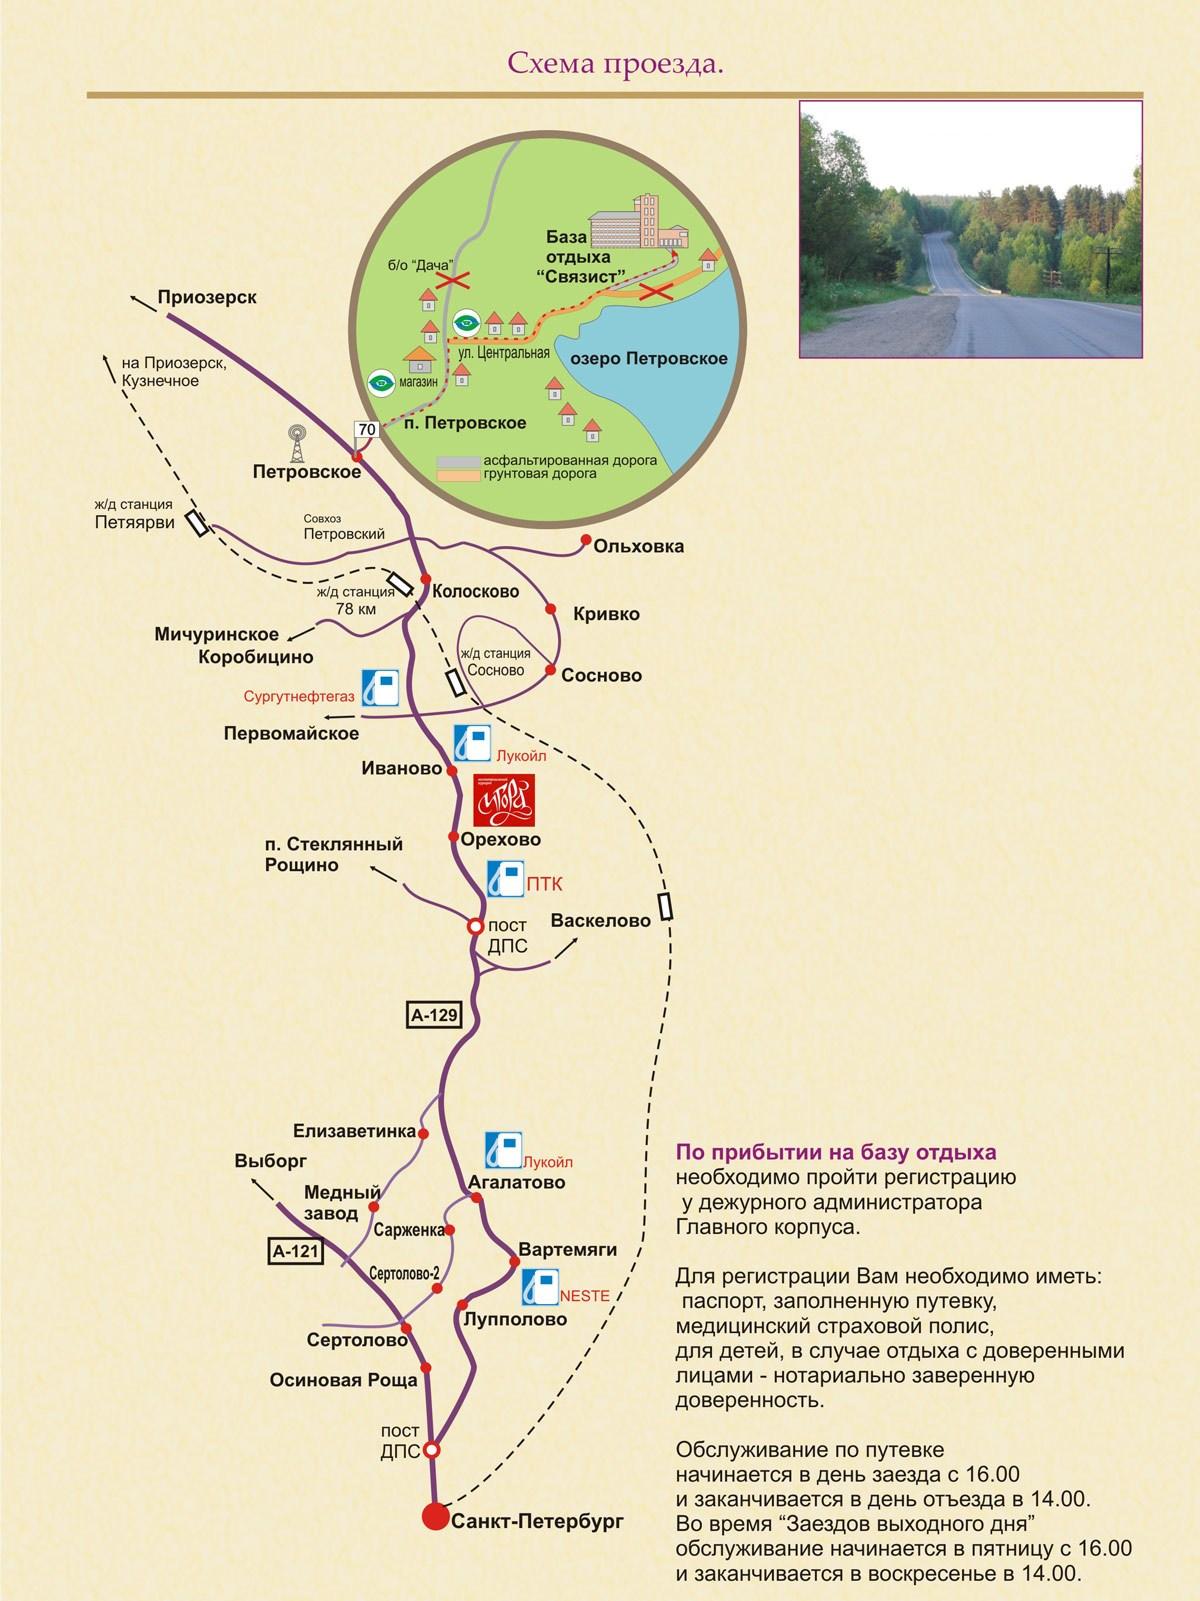 Схема проезда в лагерь звездный